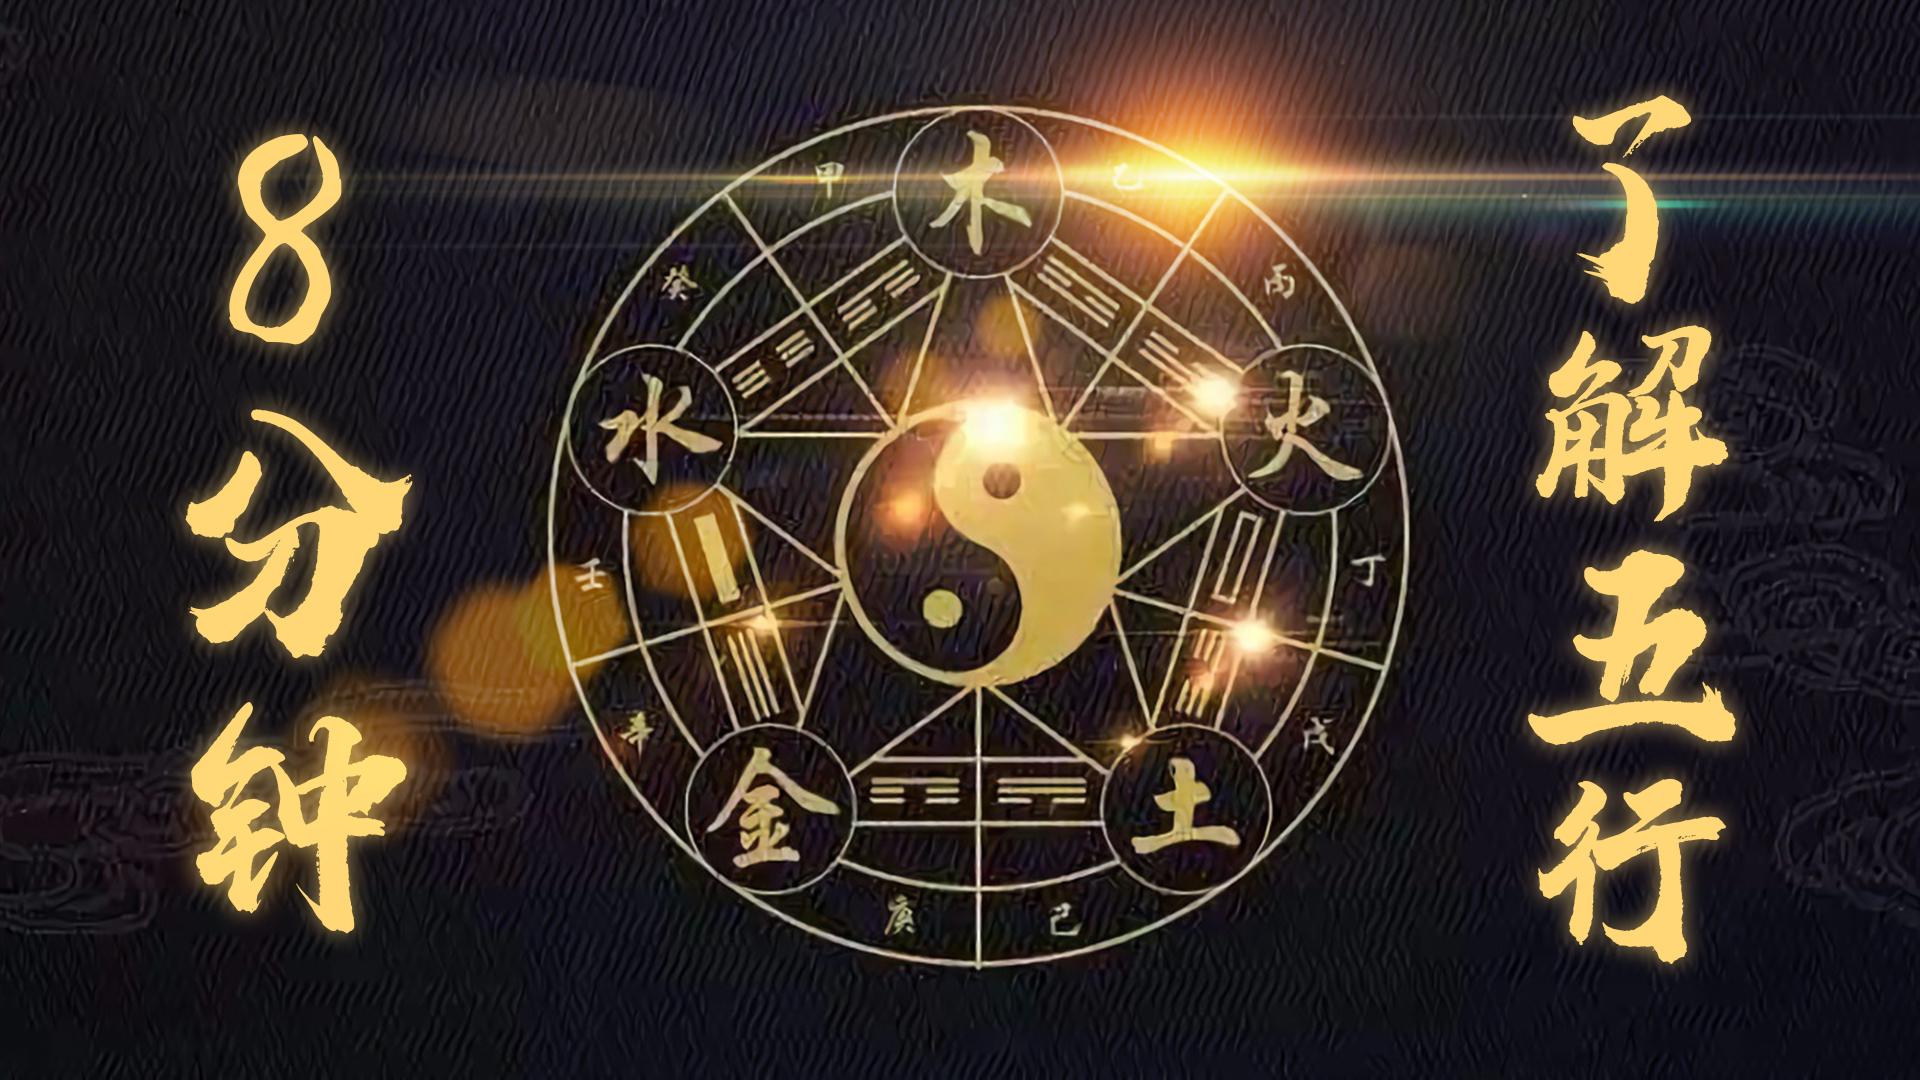 8分钟了解五行,中国最古老的道教学说!